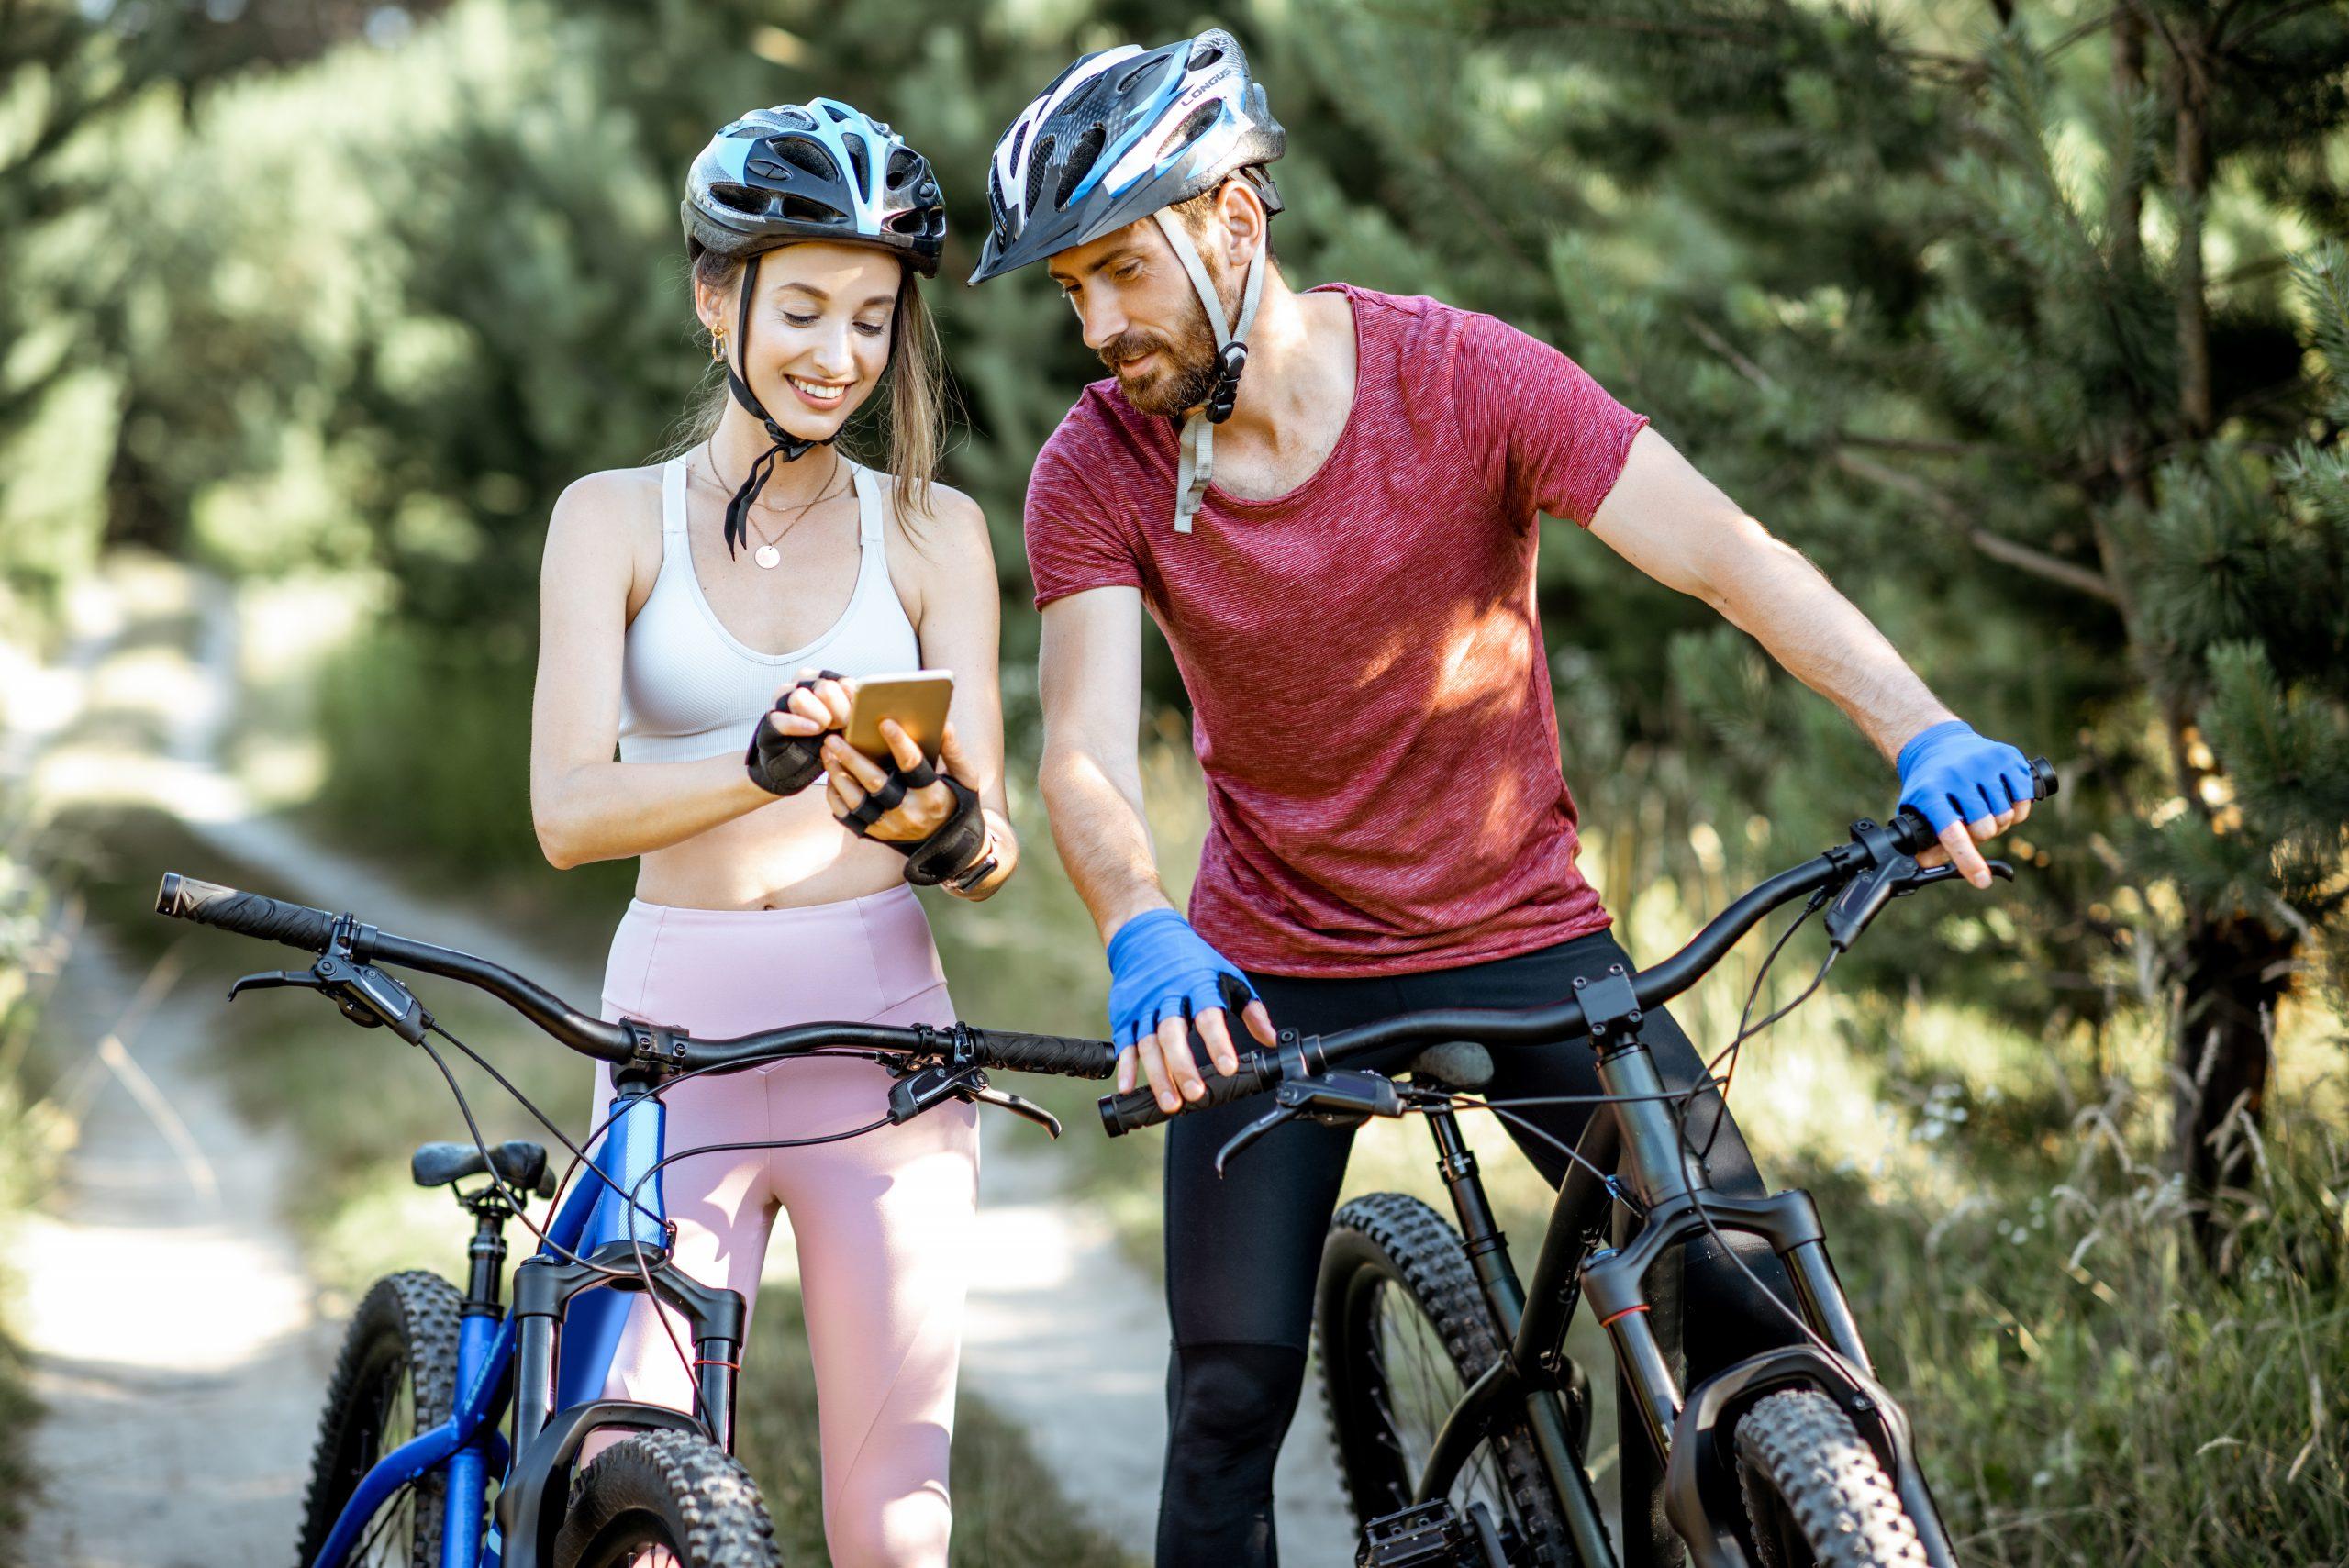 Comment bien choisir votre GPS pour vélo ?